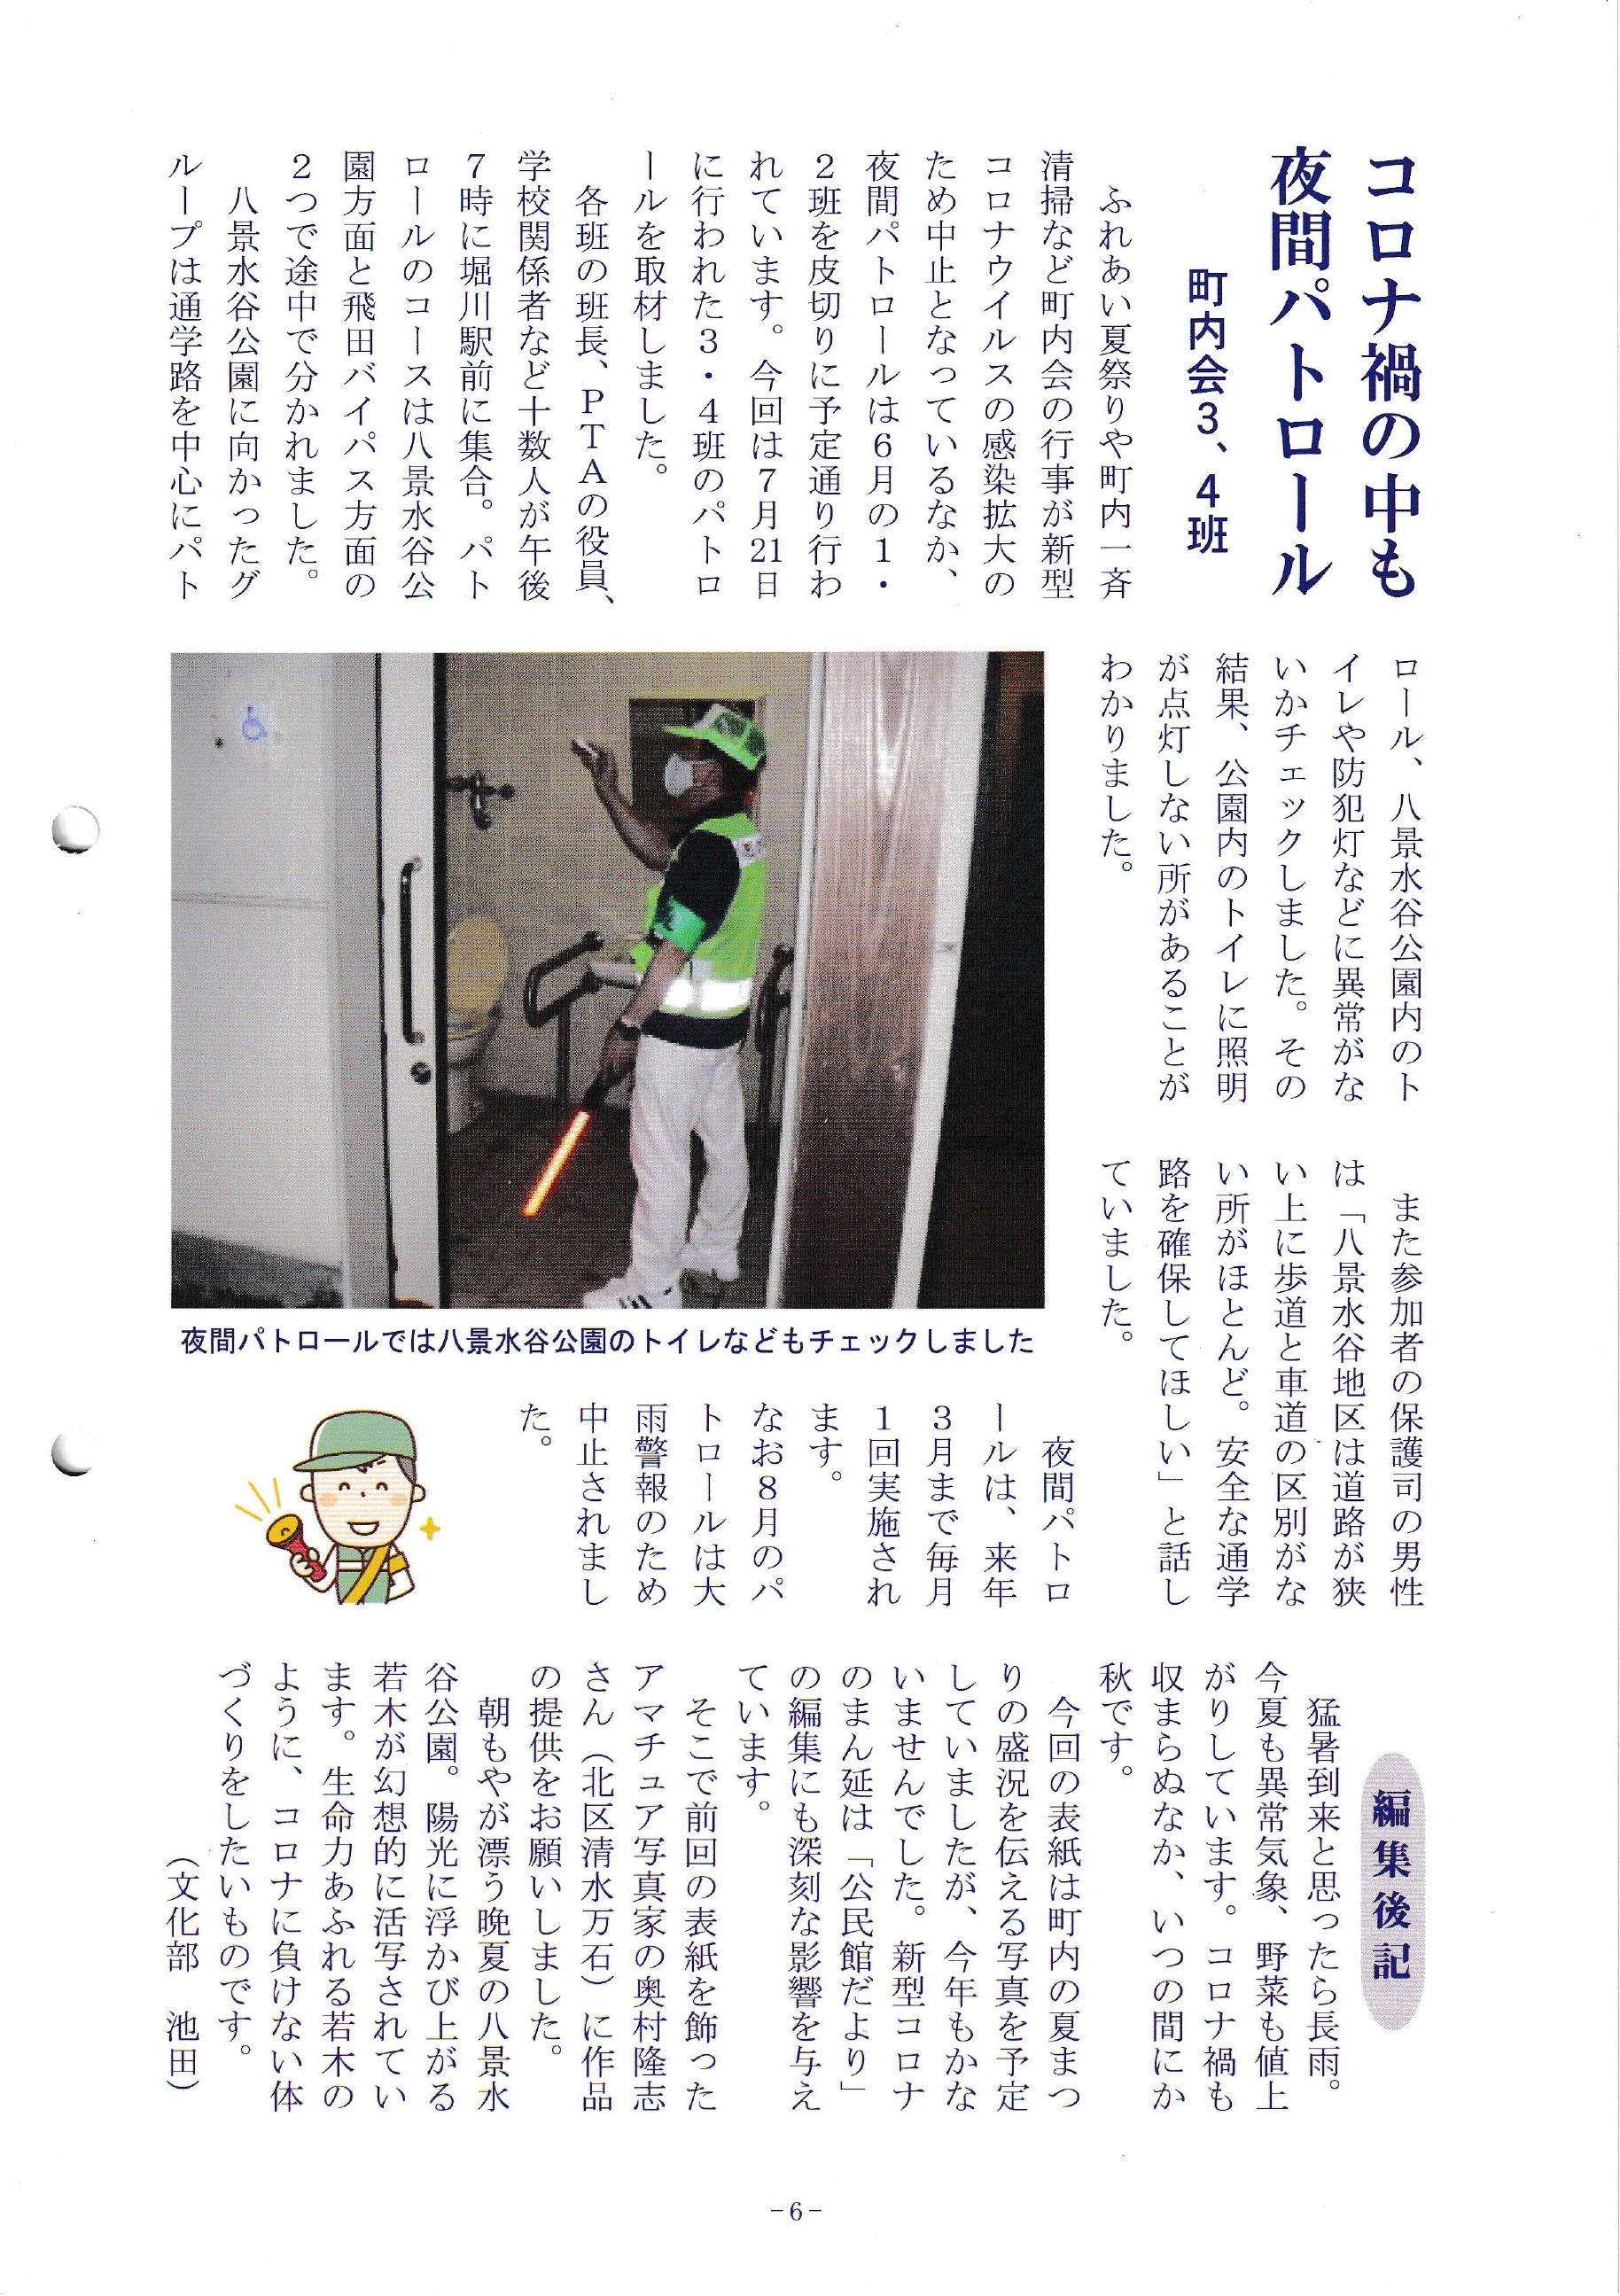 八景水谷公民館だより(6)